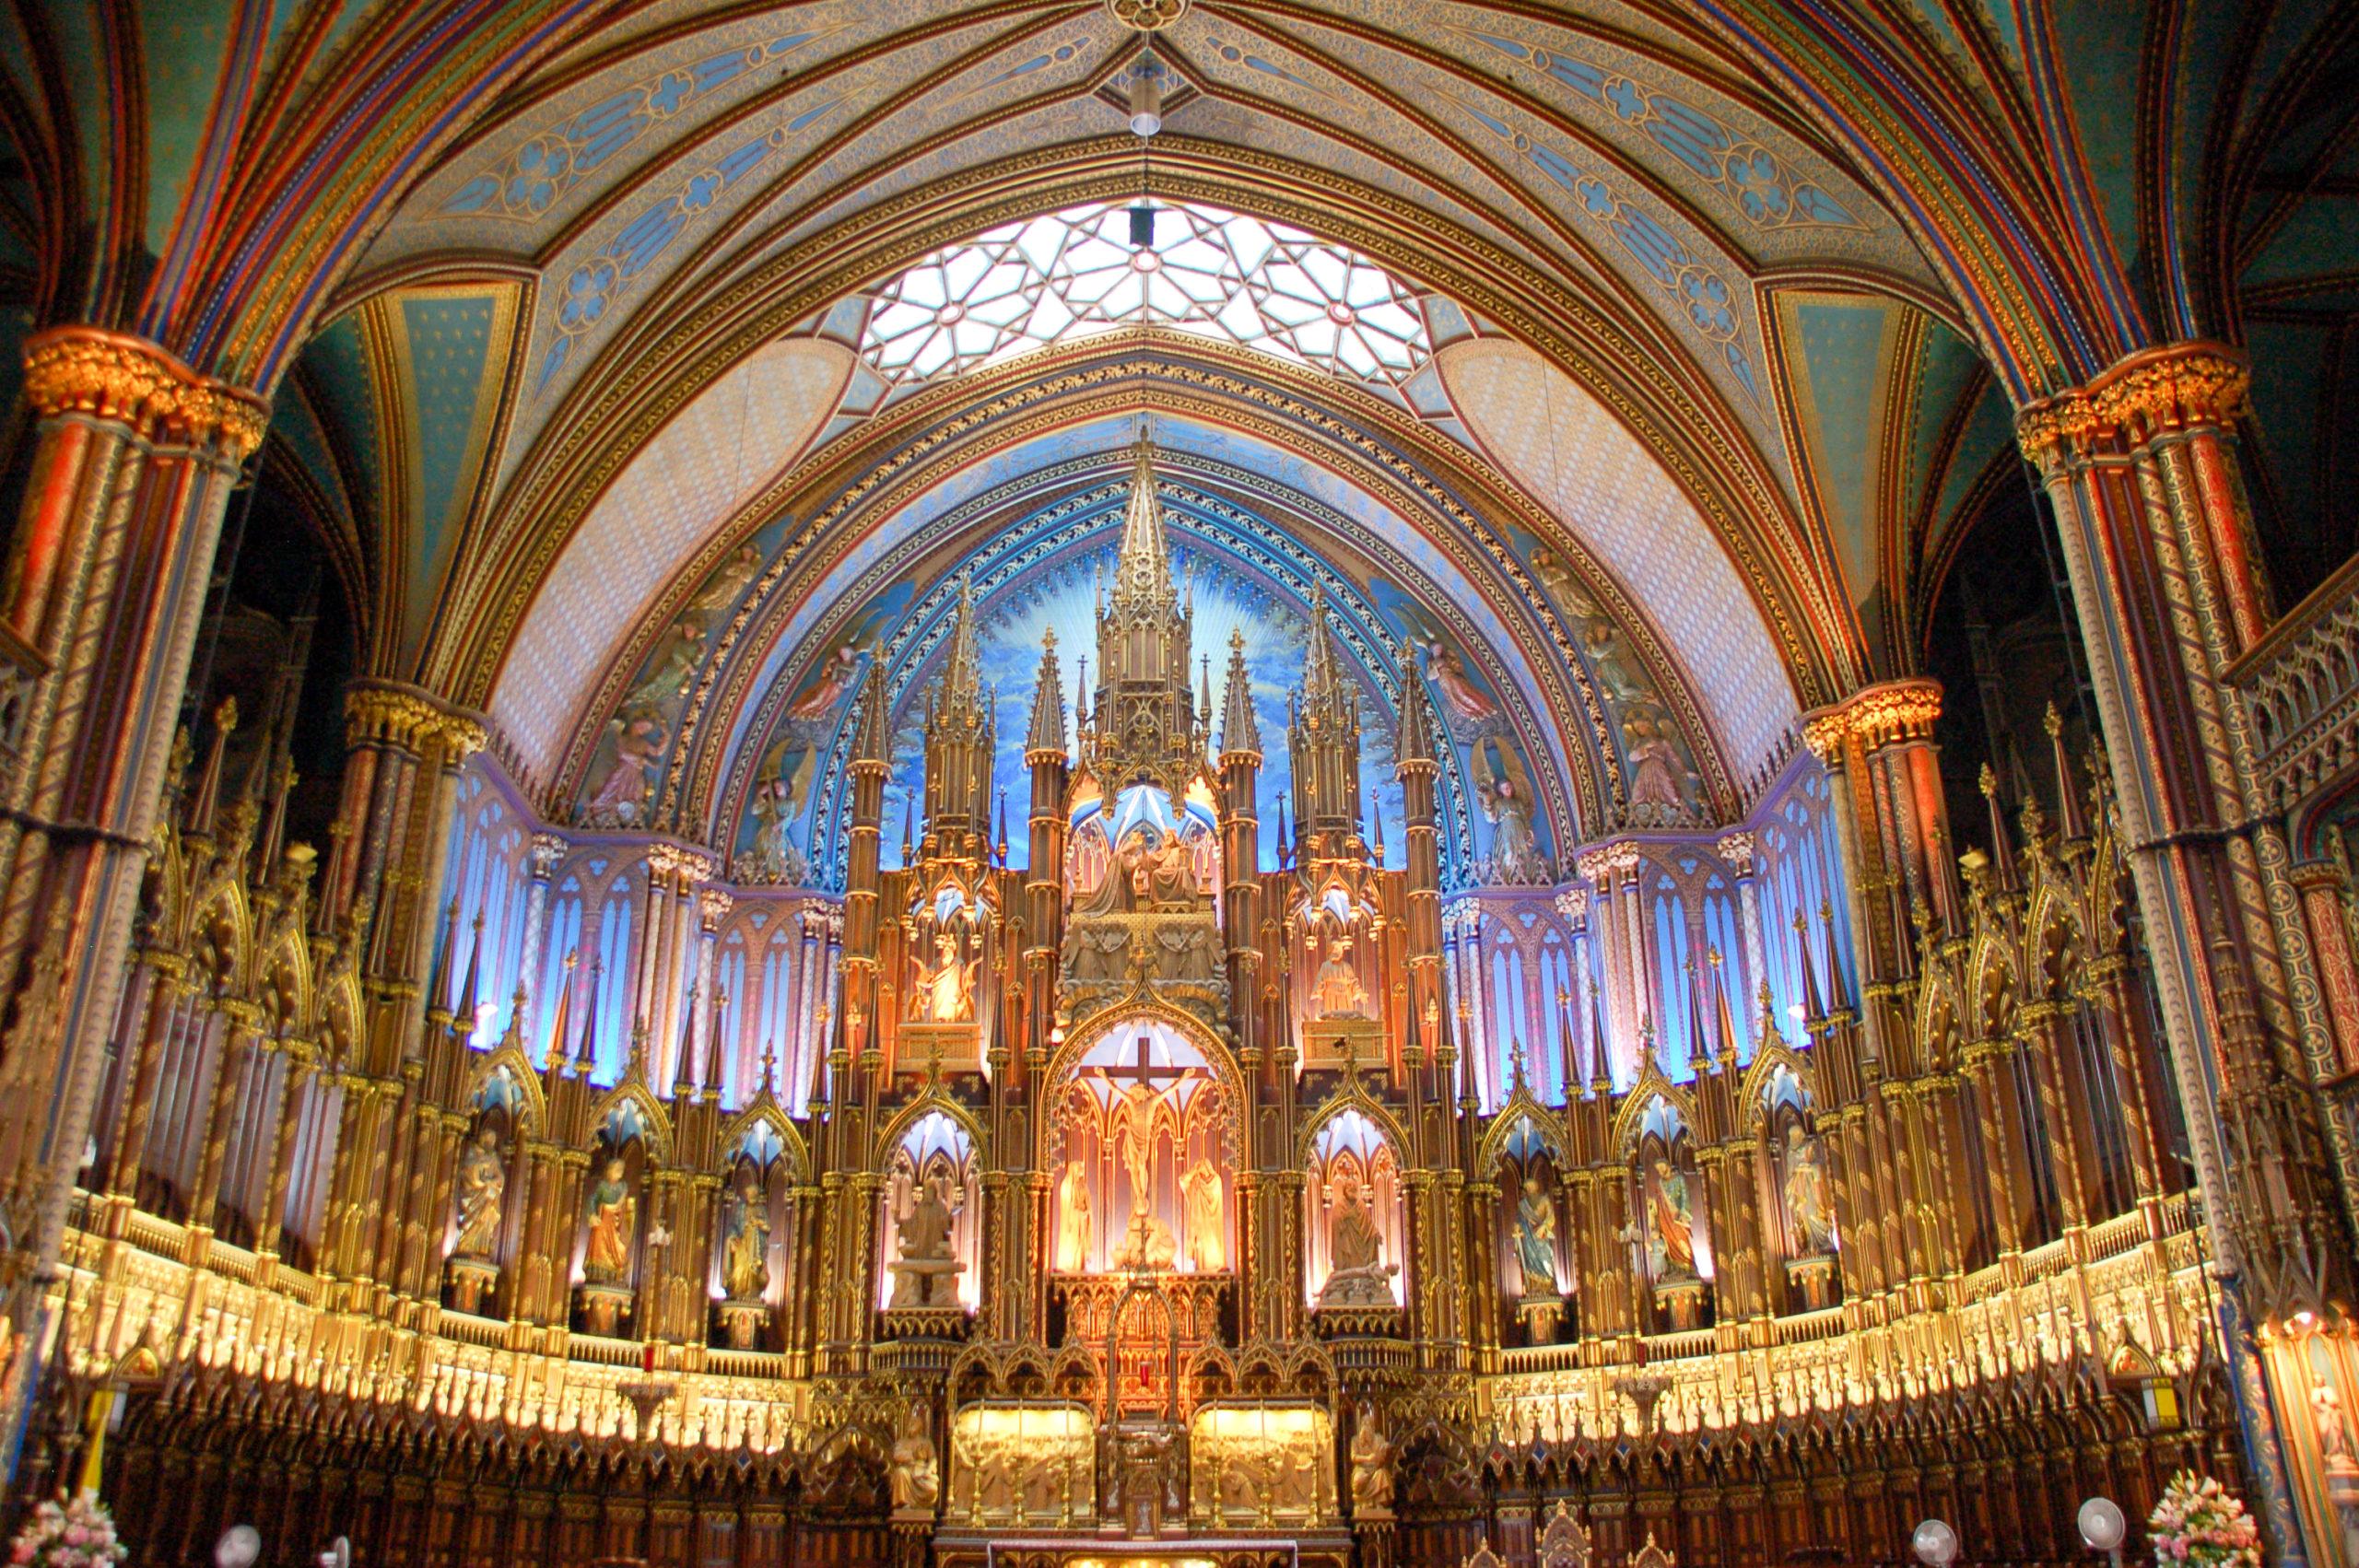 Innenleben der Kathedrale von Montreal mit Orgel